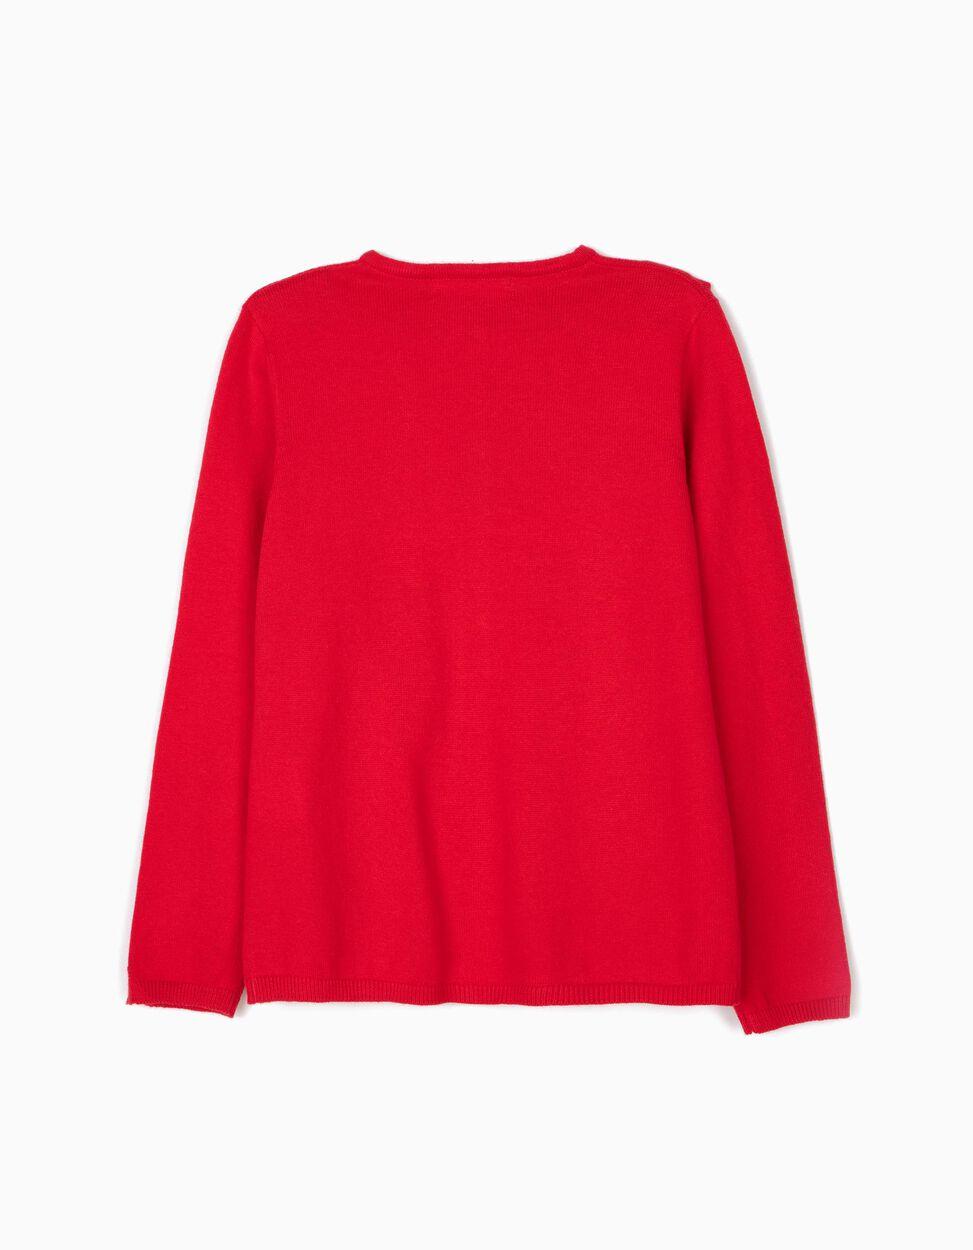 Casaco de Malha Vermelho